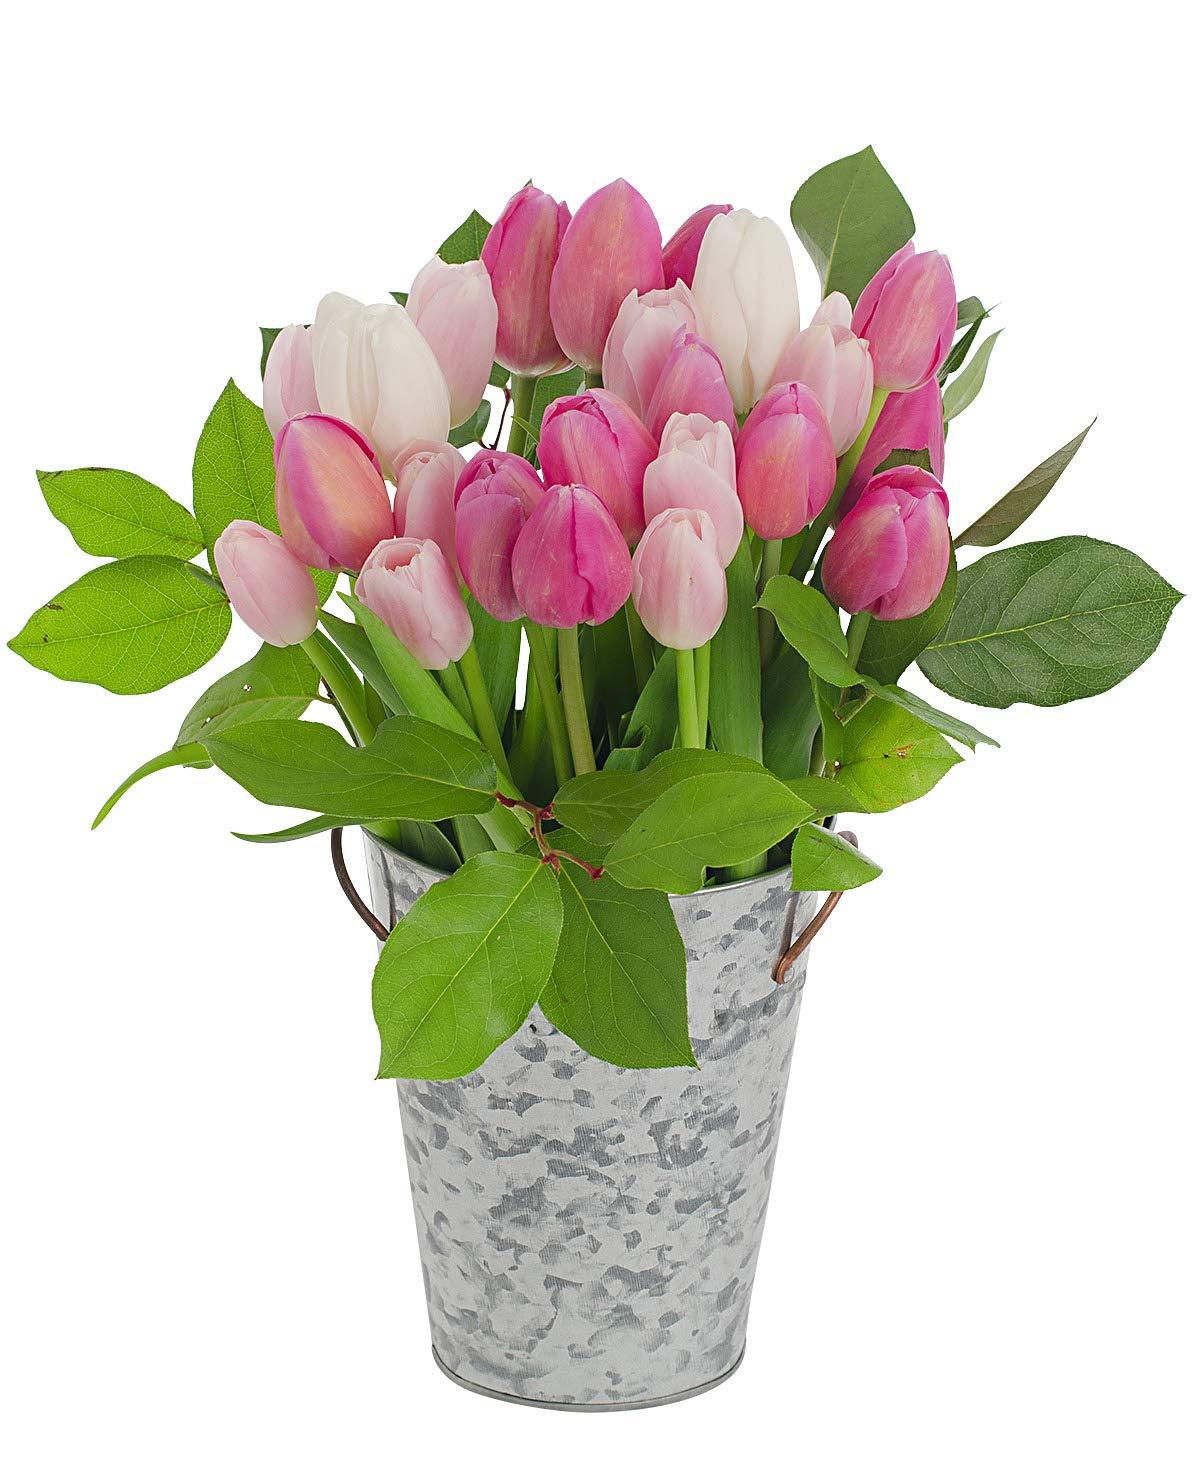 Stargazer Barm - Smitten Bouquet - 2 Dozen Assorted Pink & White Tulips With Metal Vase - Farm Fresh